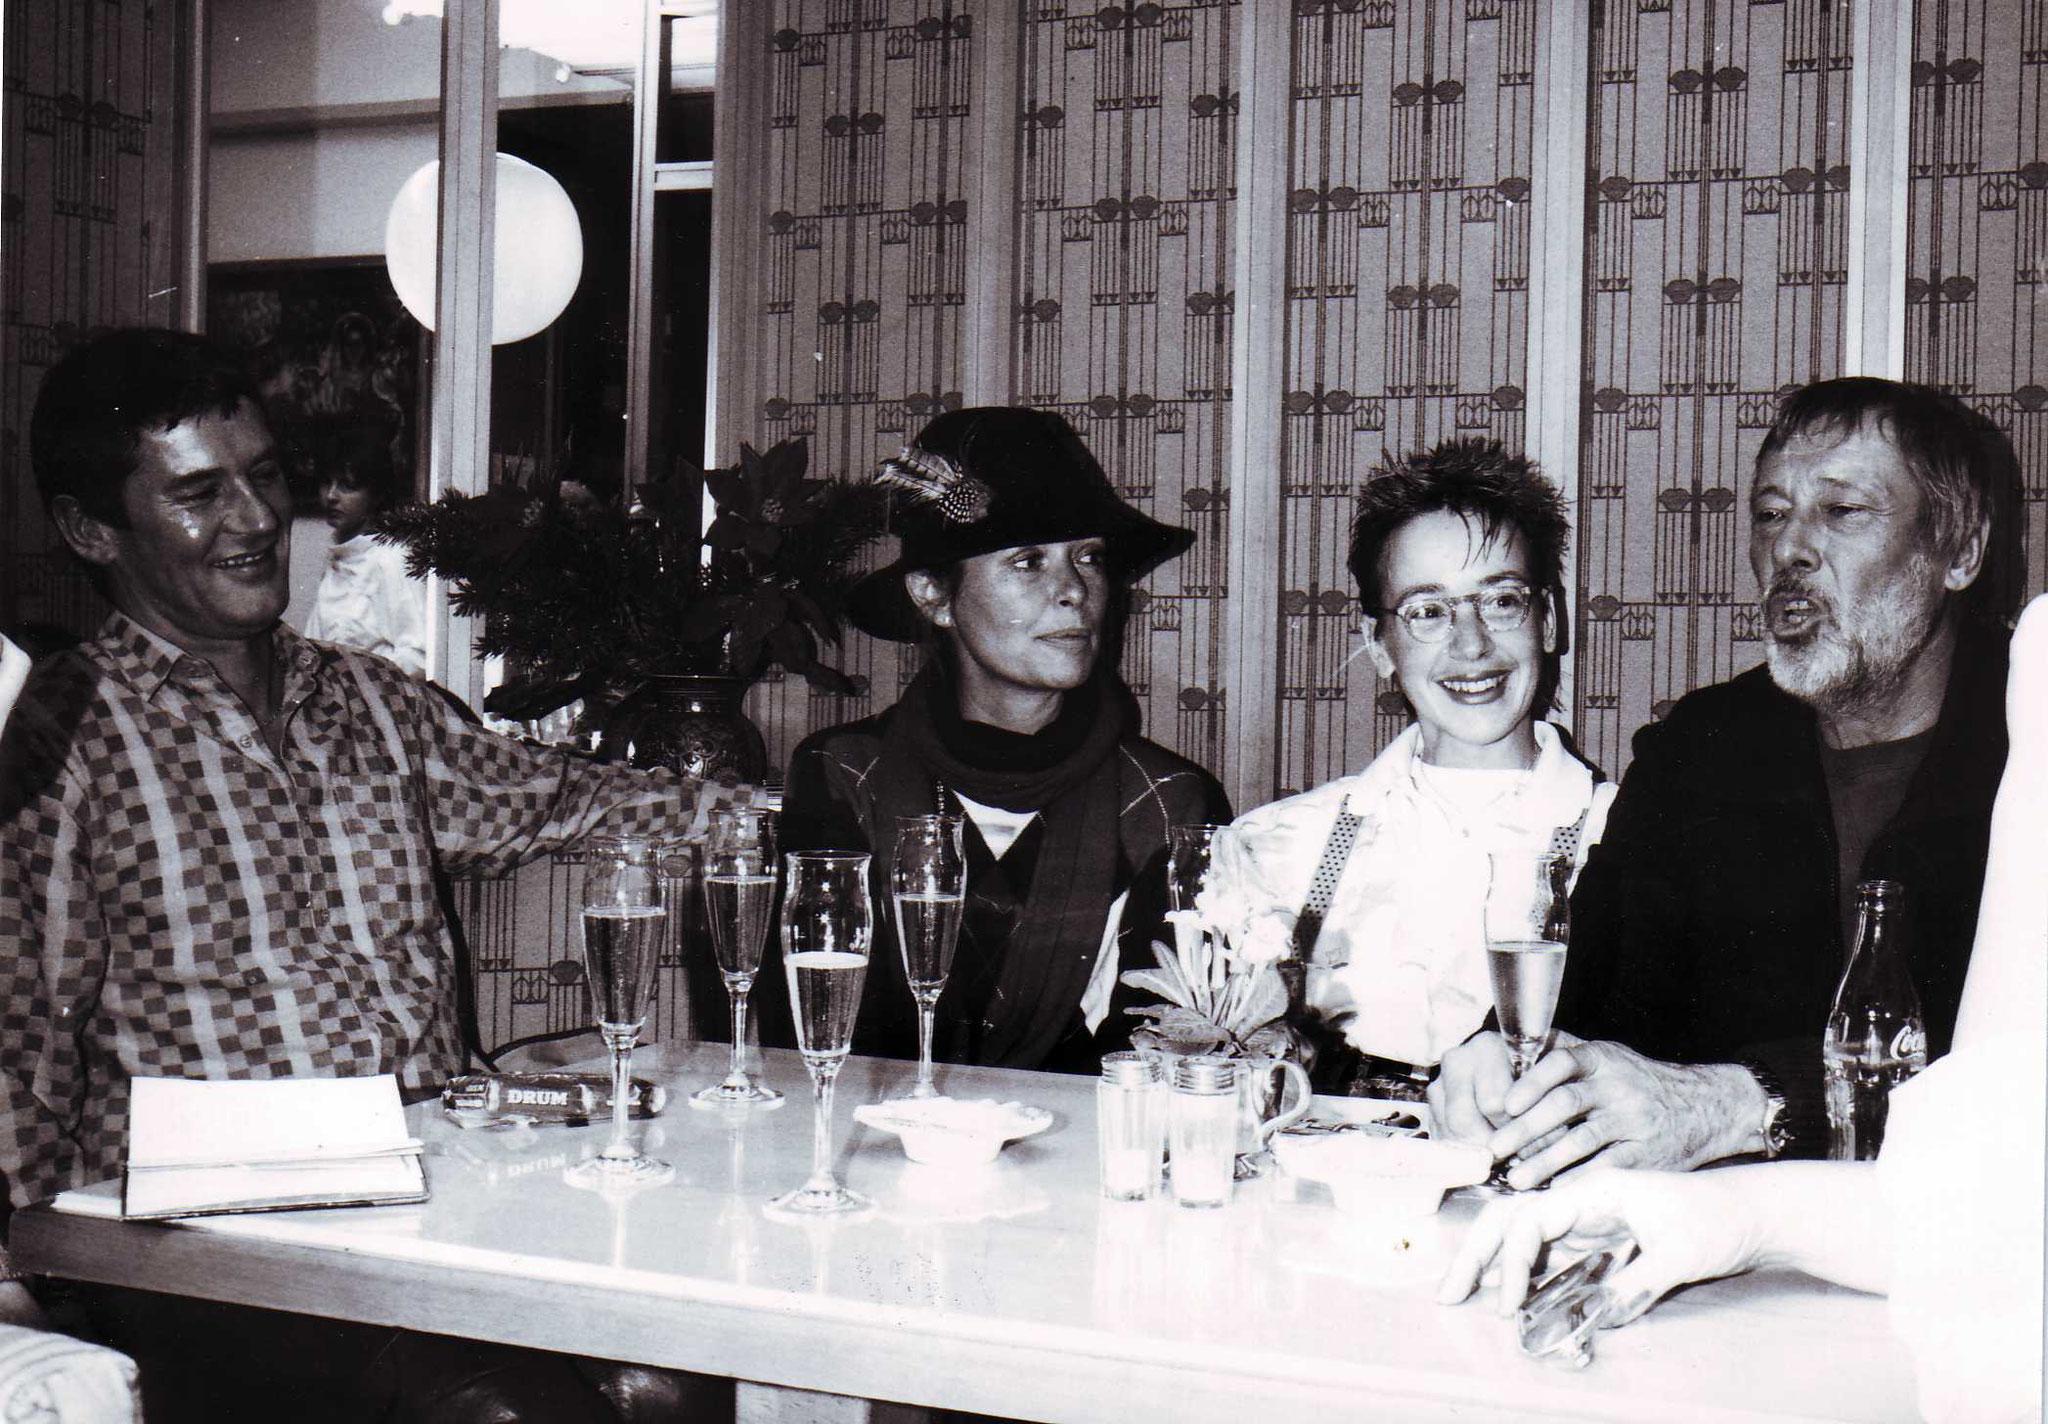 Cafe Central Mit Vivi Bach & Dietmar Schönherr 1985